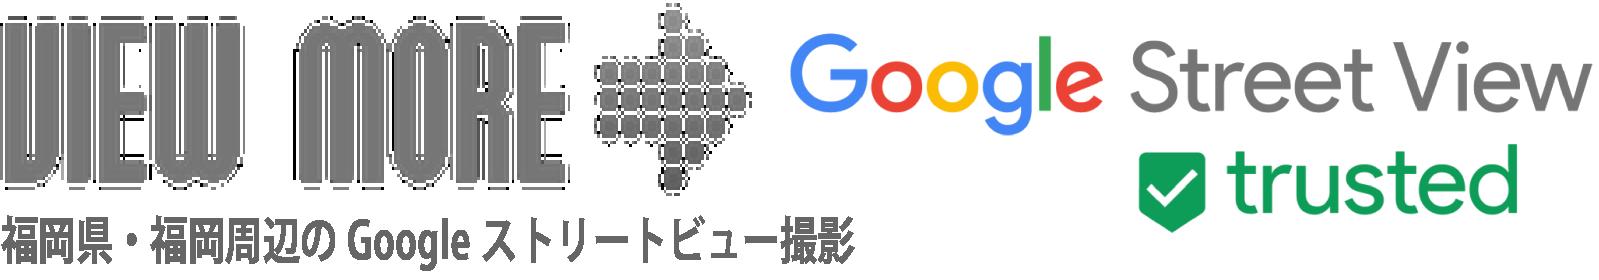 実績700件以上!福岡の格安Googleストリートビュー導入はビューモアへ